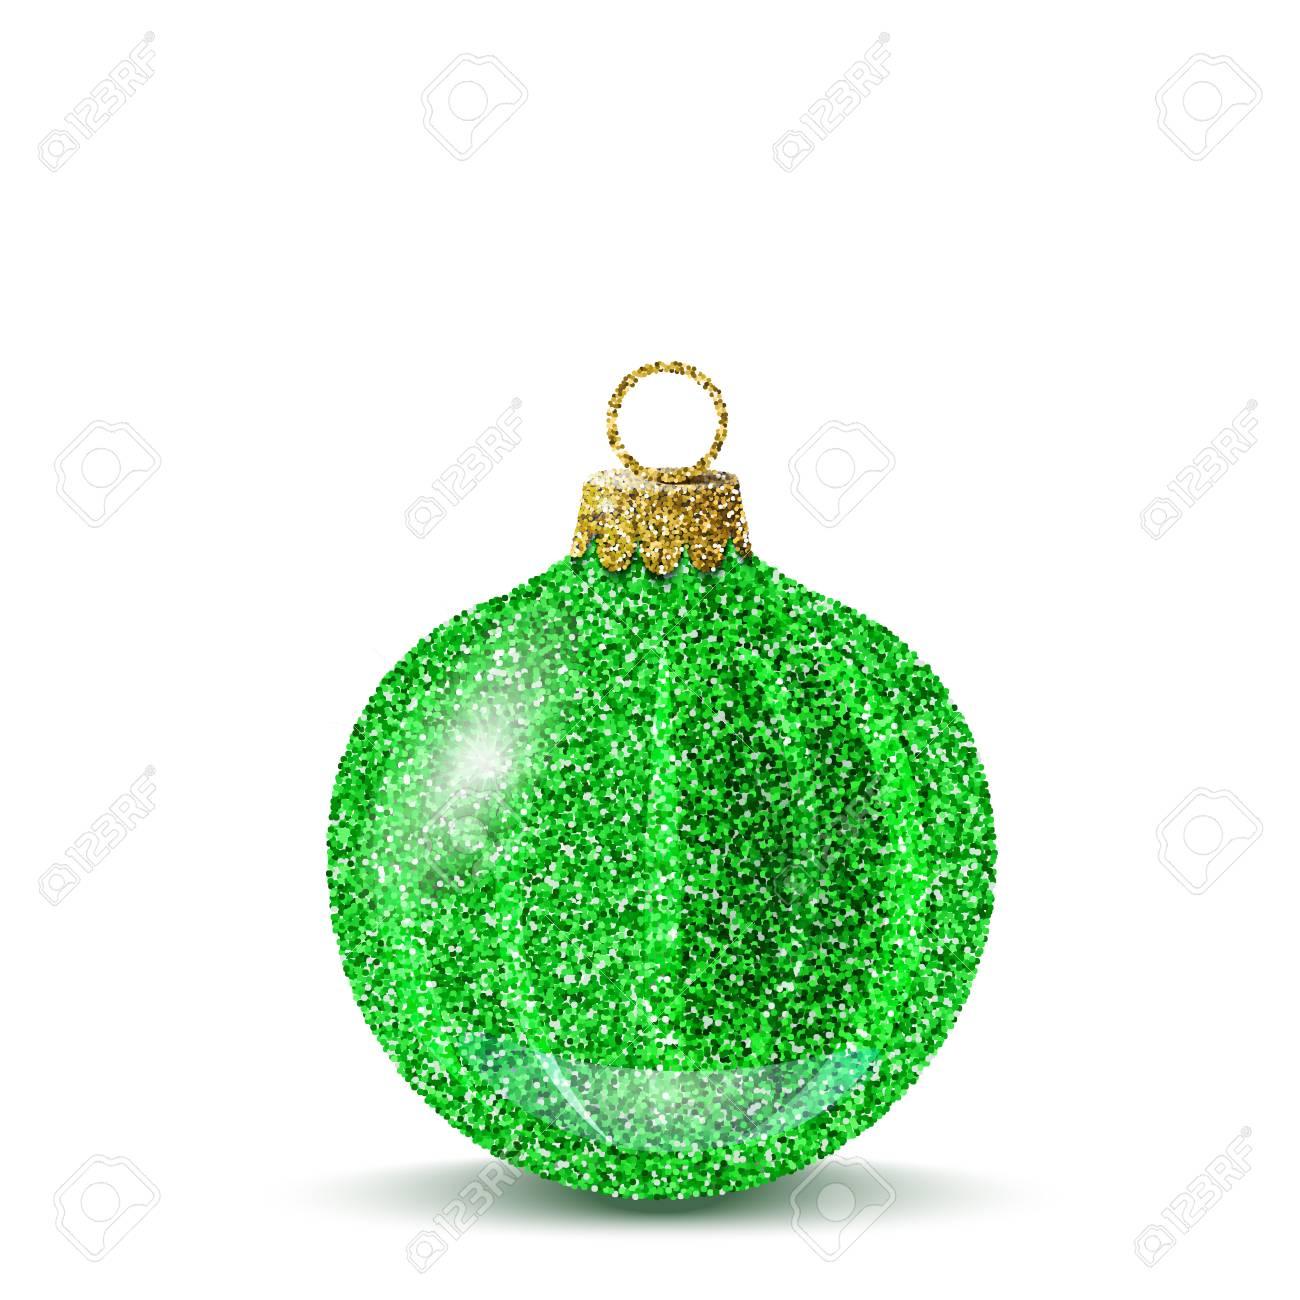 088c80ca8ca26 Bola de Navidad verde aislado. Brillante brillo lentejuelas textura.  Decoración realista para el árbol